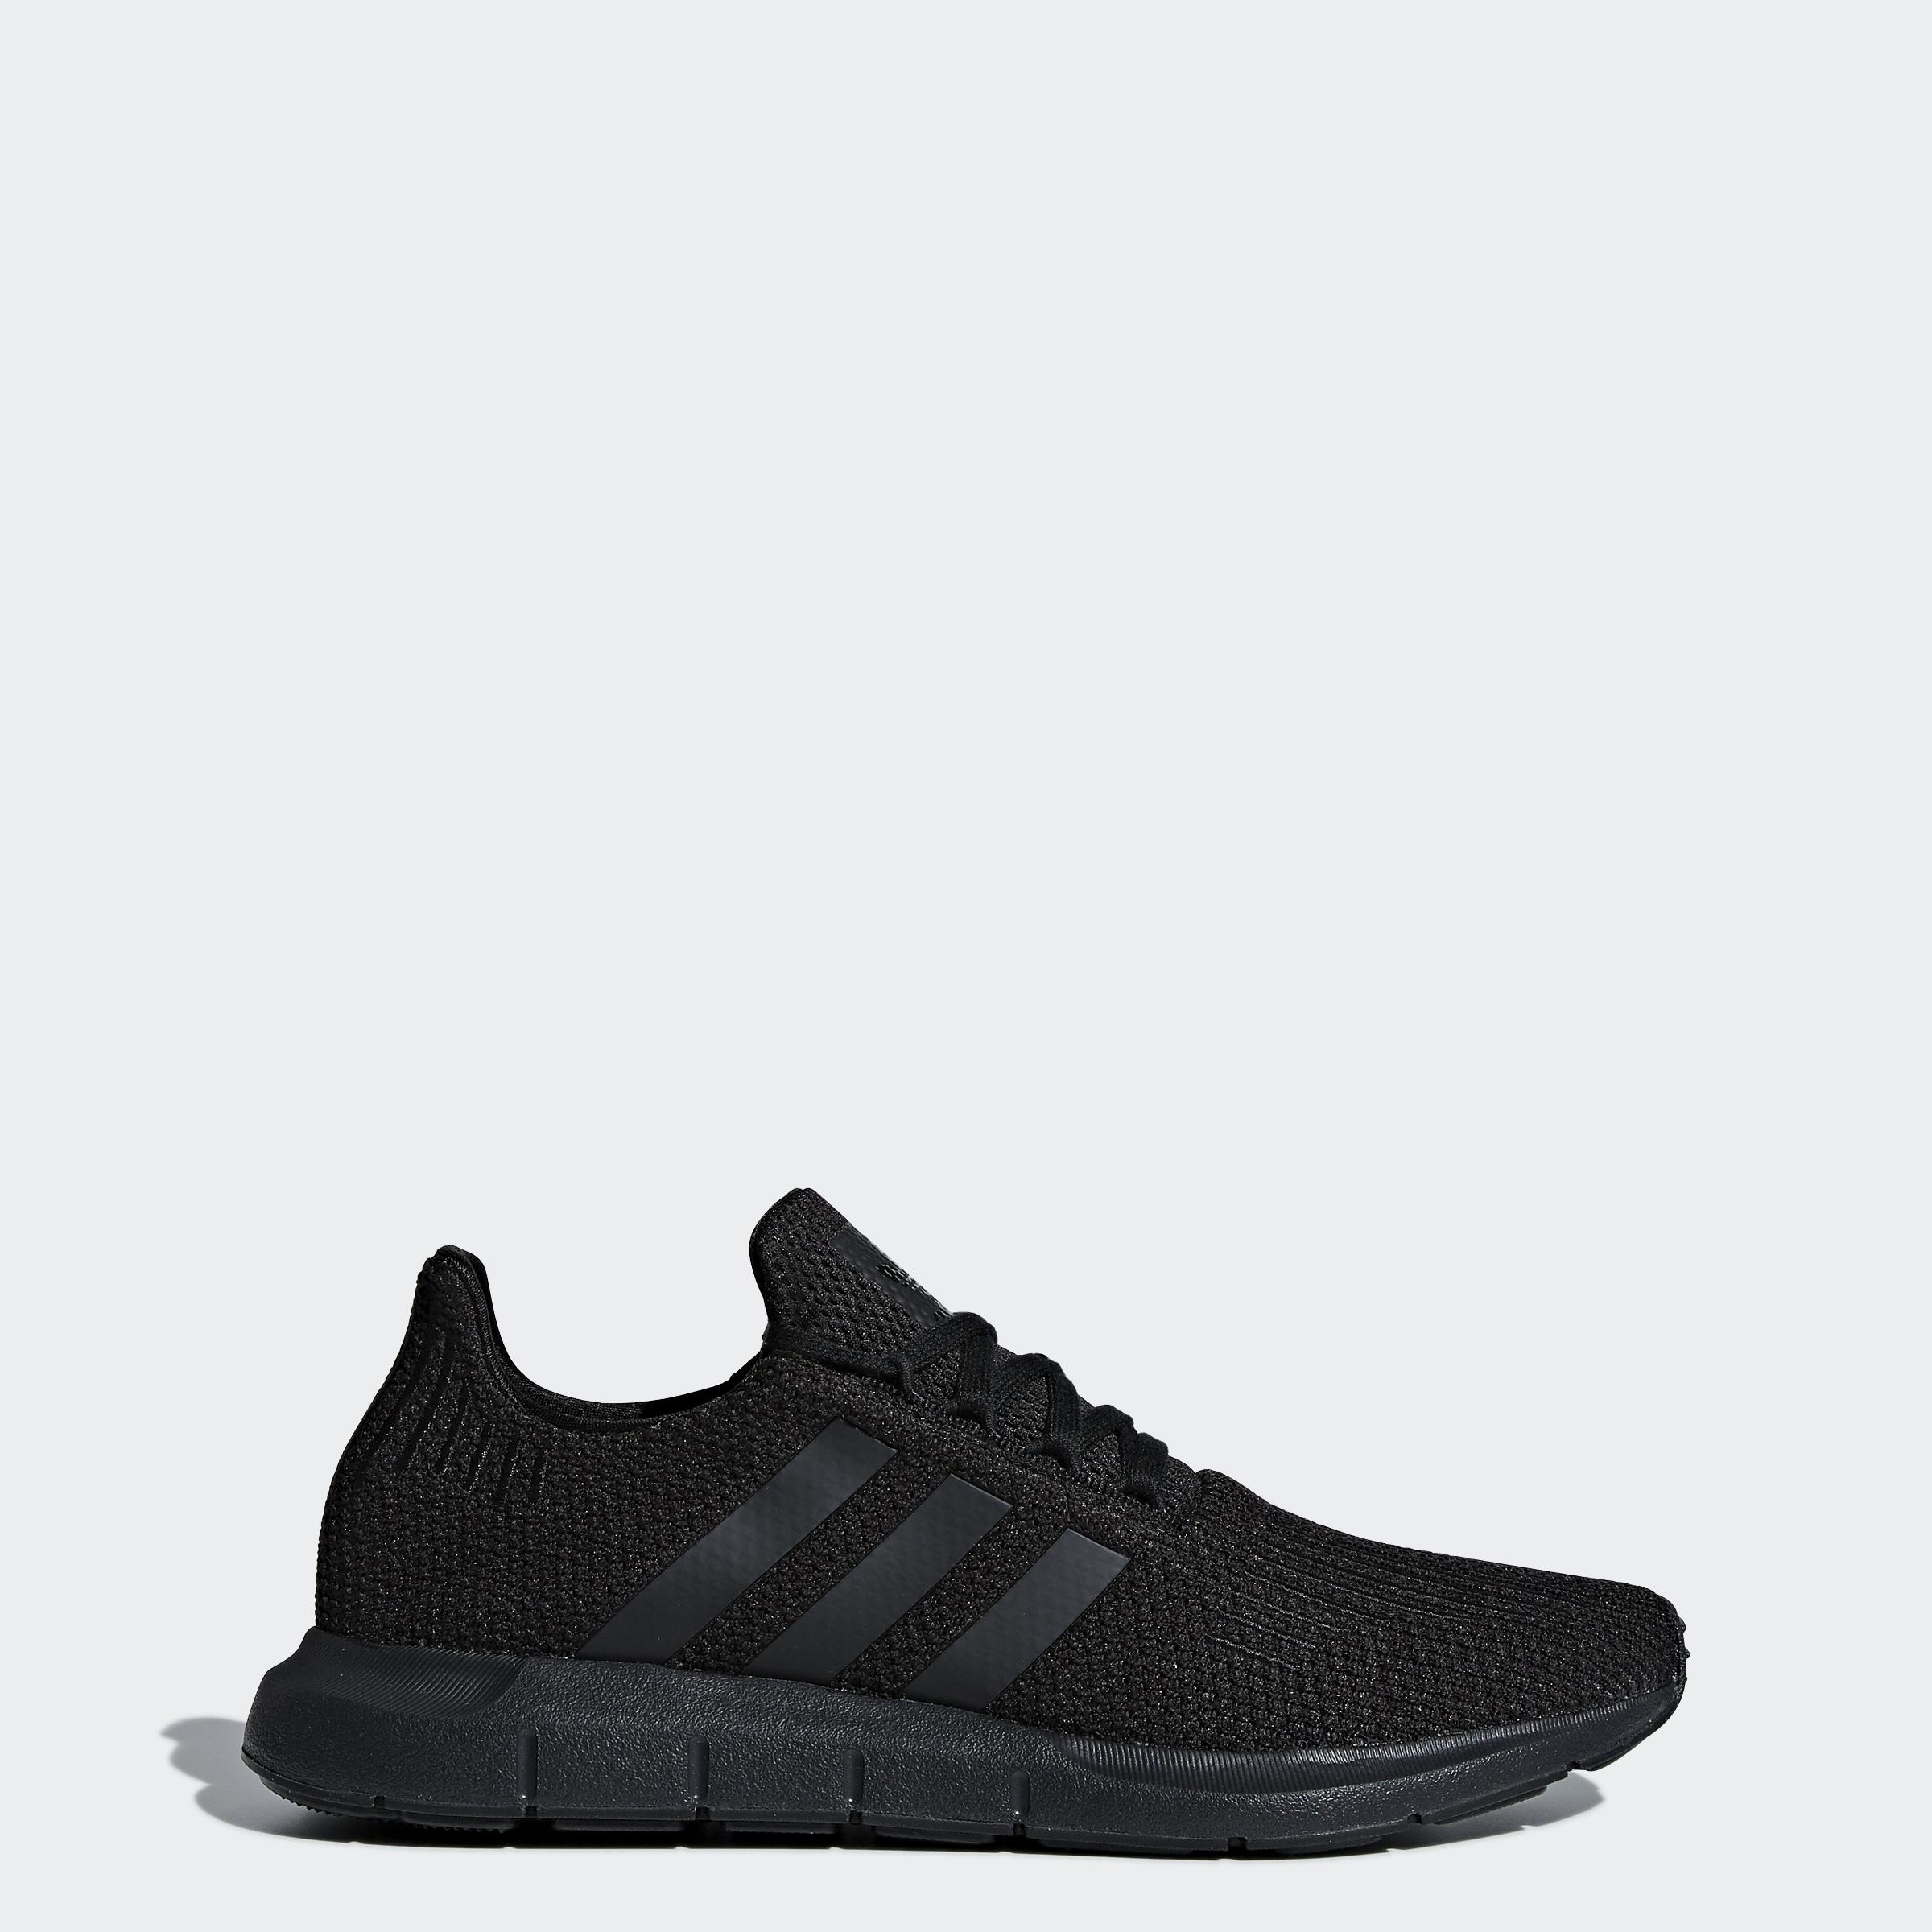 adidas Swift Run Cg4112 White / Black